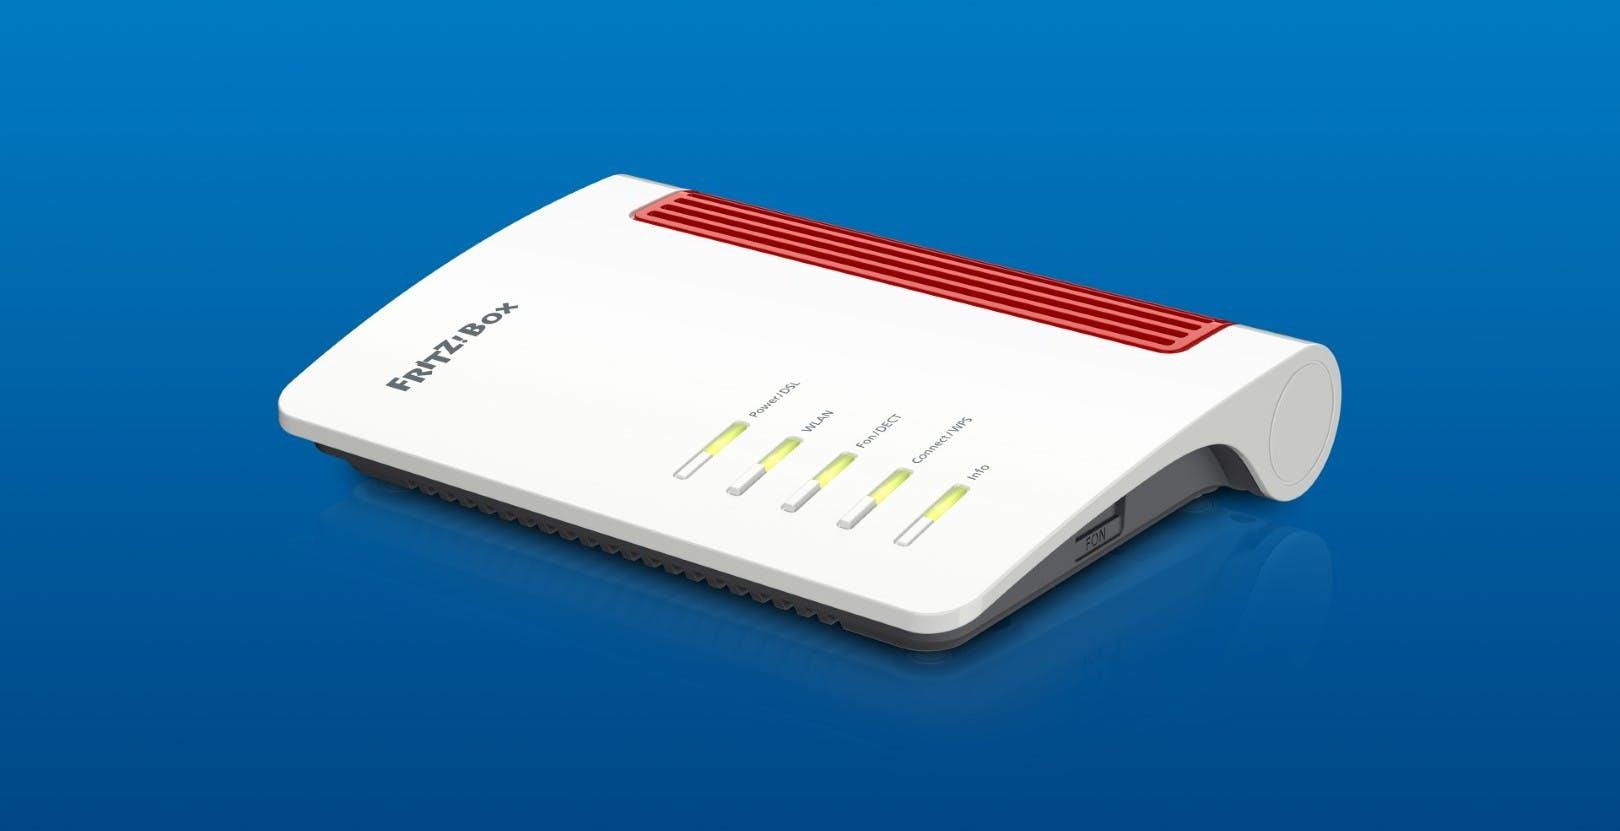 Tiscali offrirà un modem Fritzbox 7530 ai nuovi clienti FTTH. Per chi vuole pagare, c'è il 7590